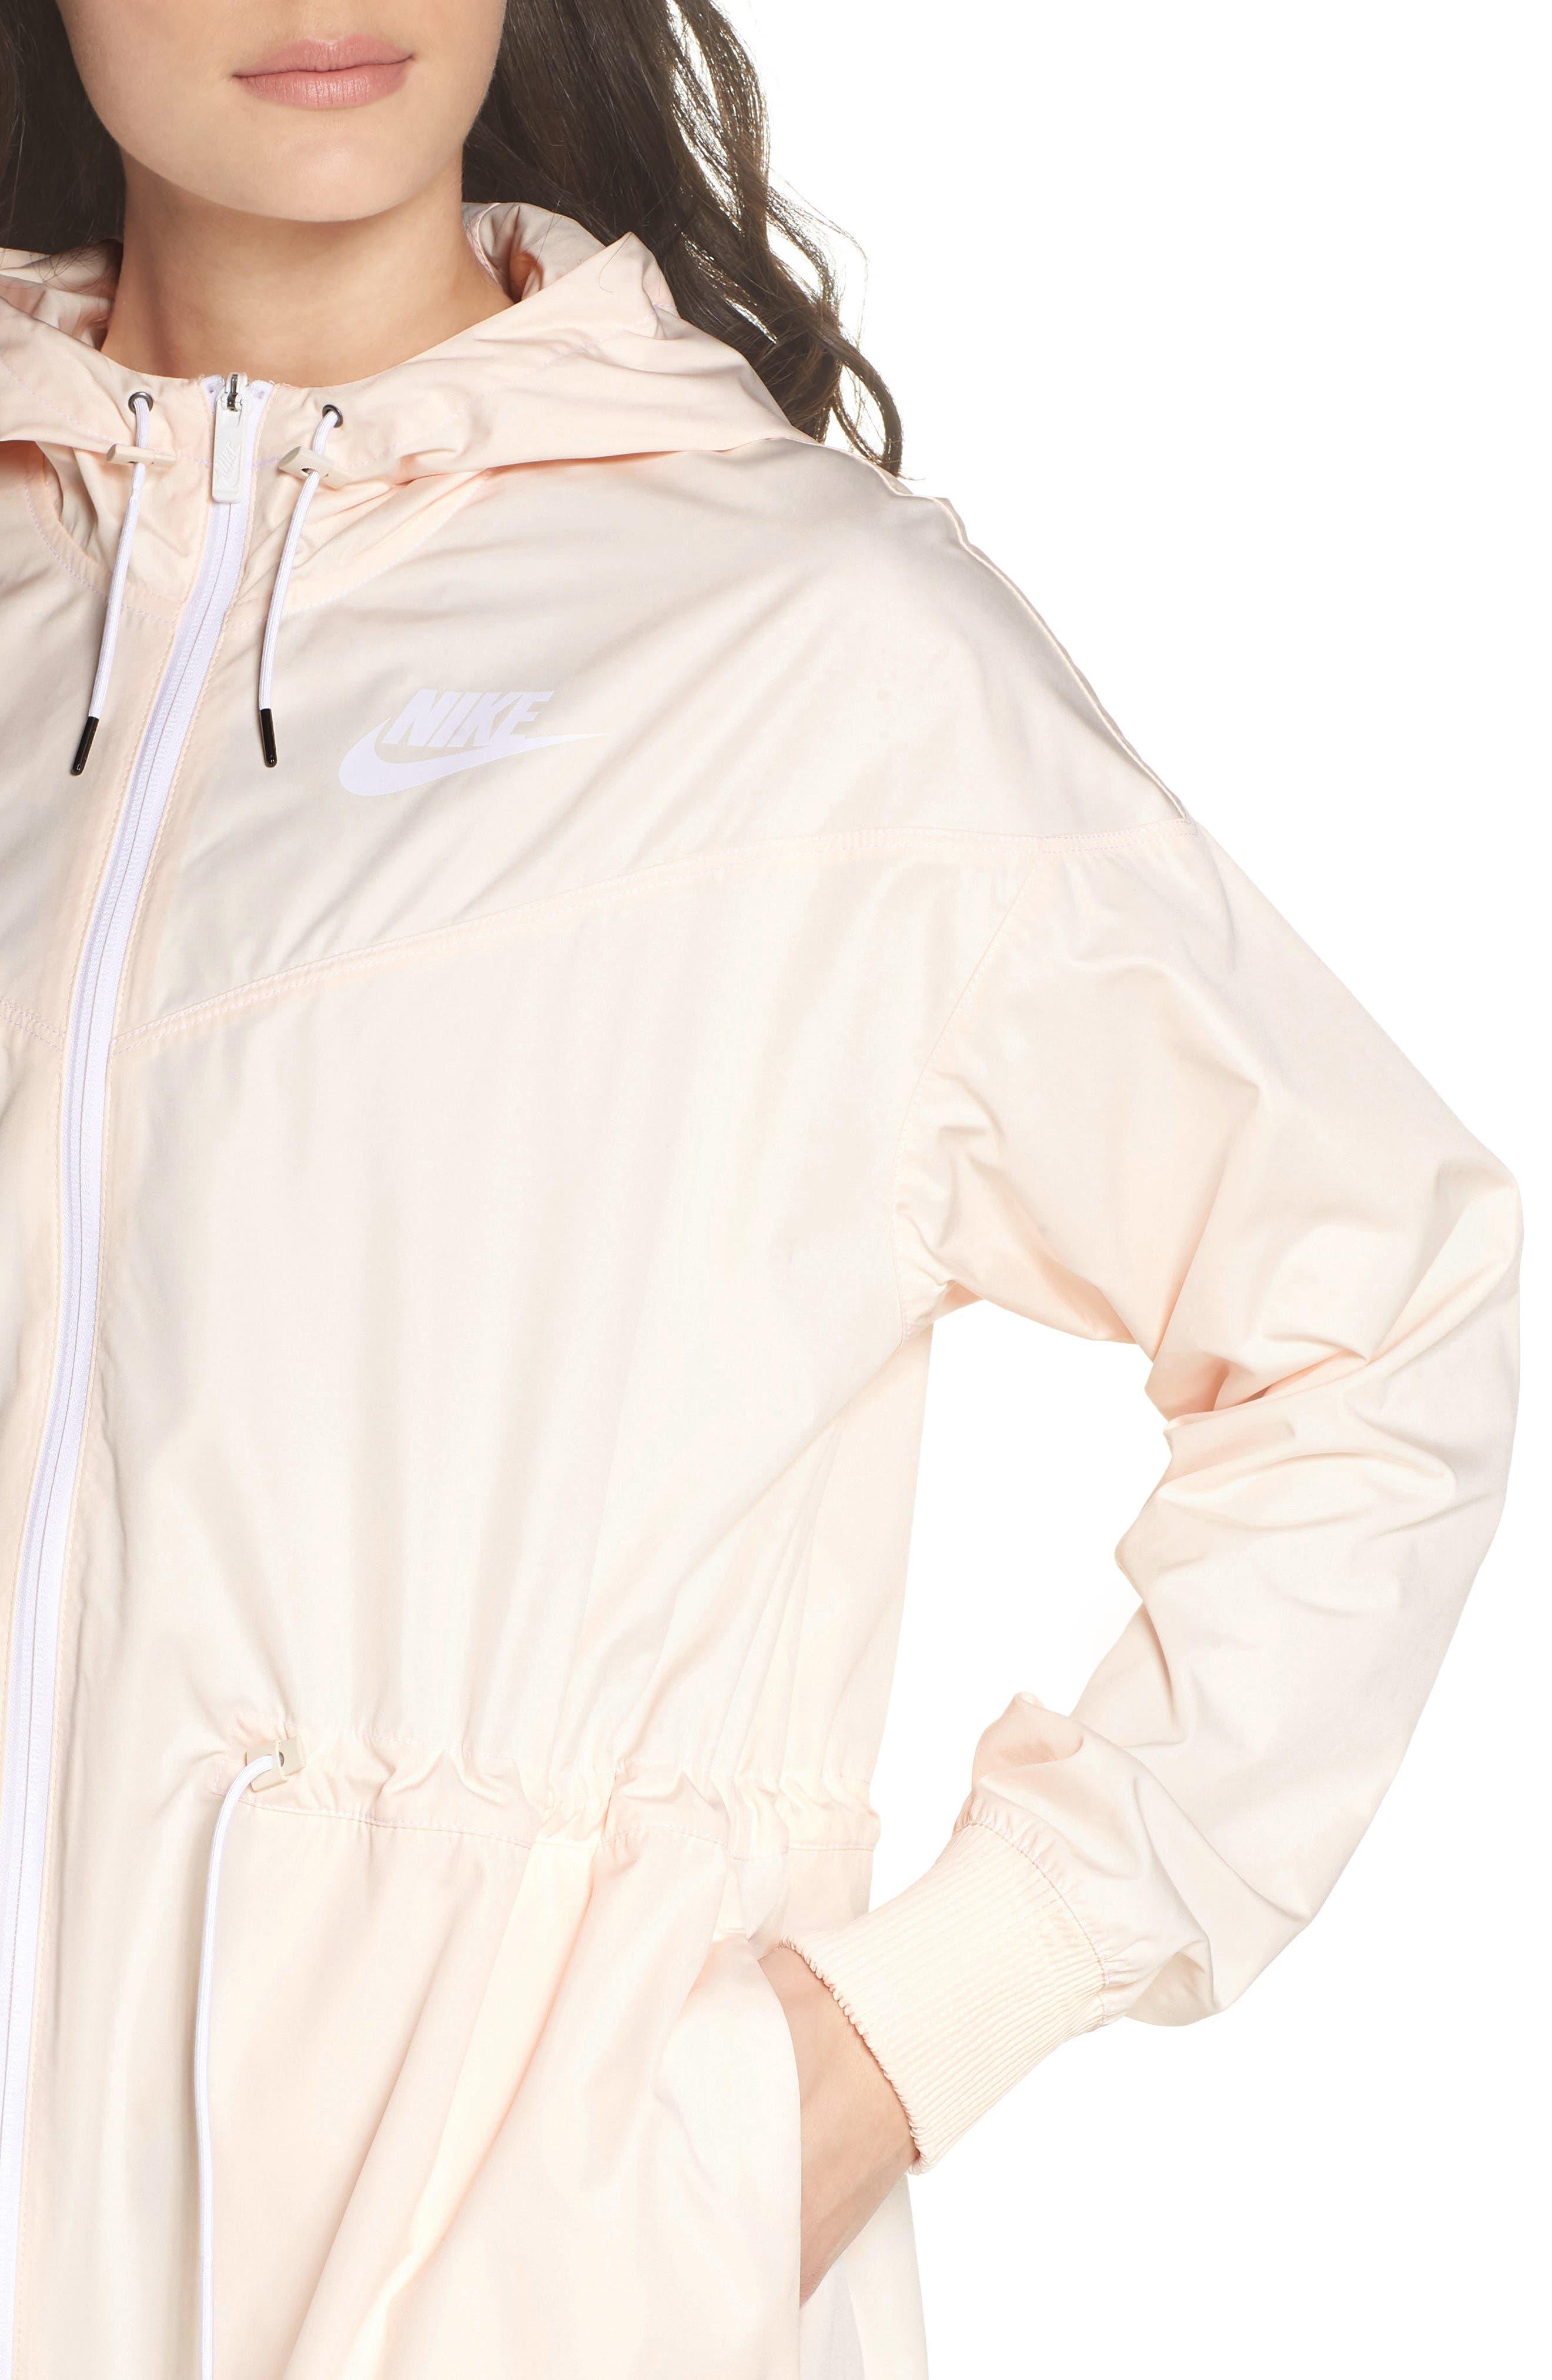 Sportswear Windrunner Jacket,                             Alternate thumbnail 6, color,                             650